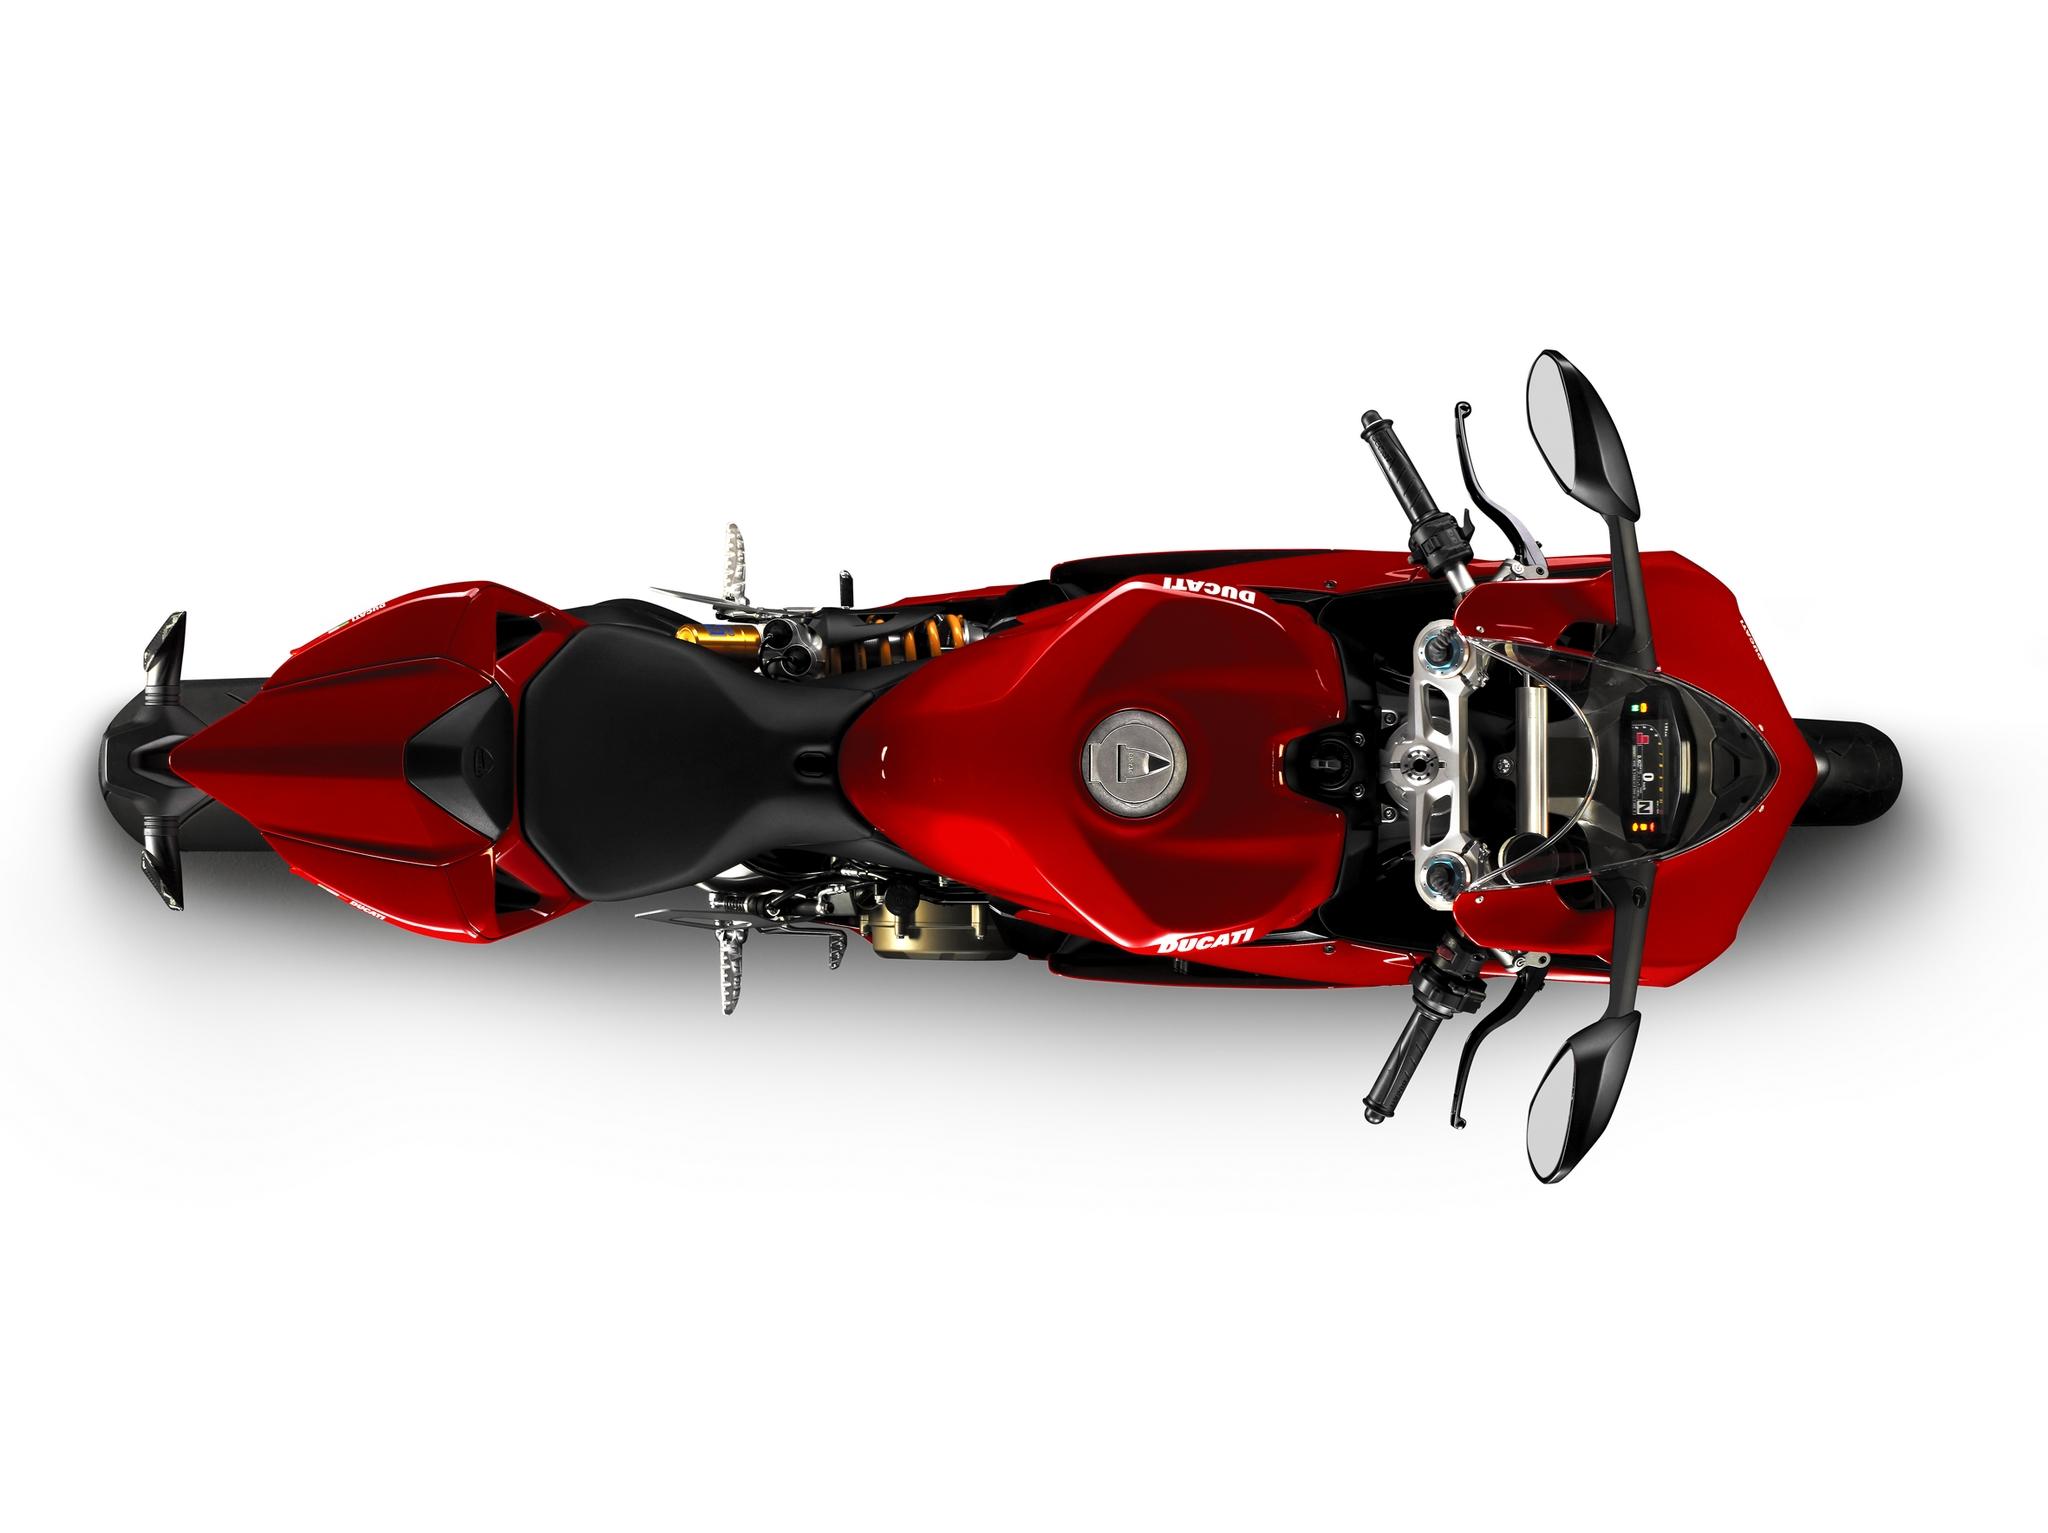 Ducati 1199 Panigale Receives Compasso D Oro Design Award